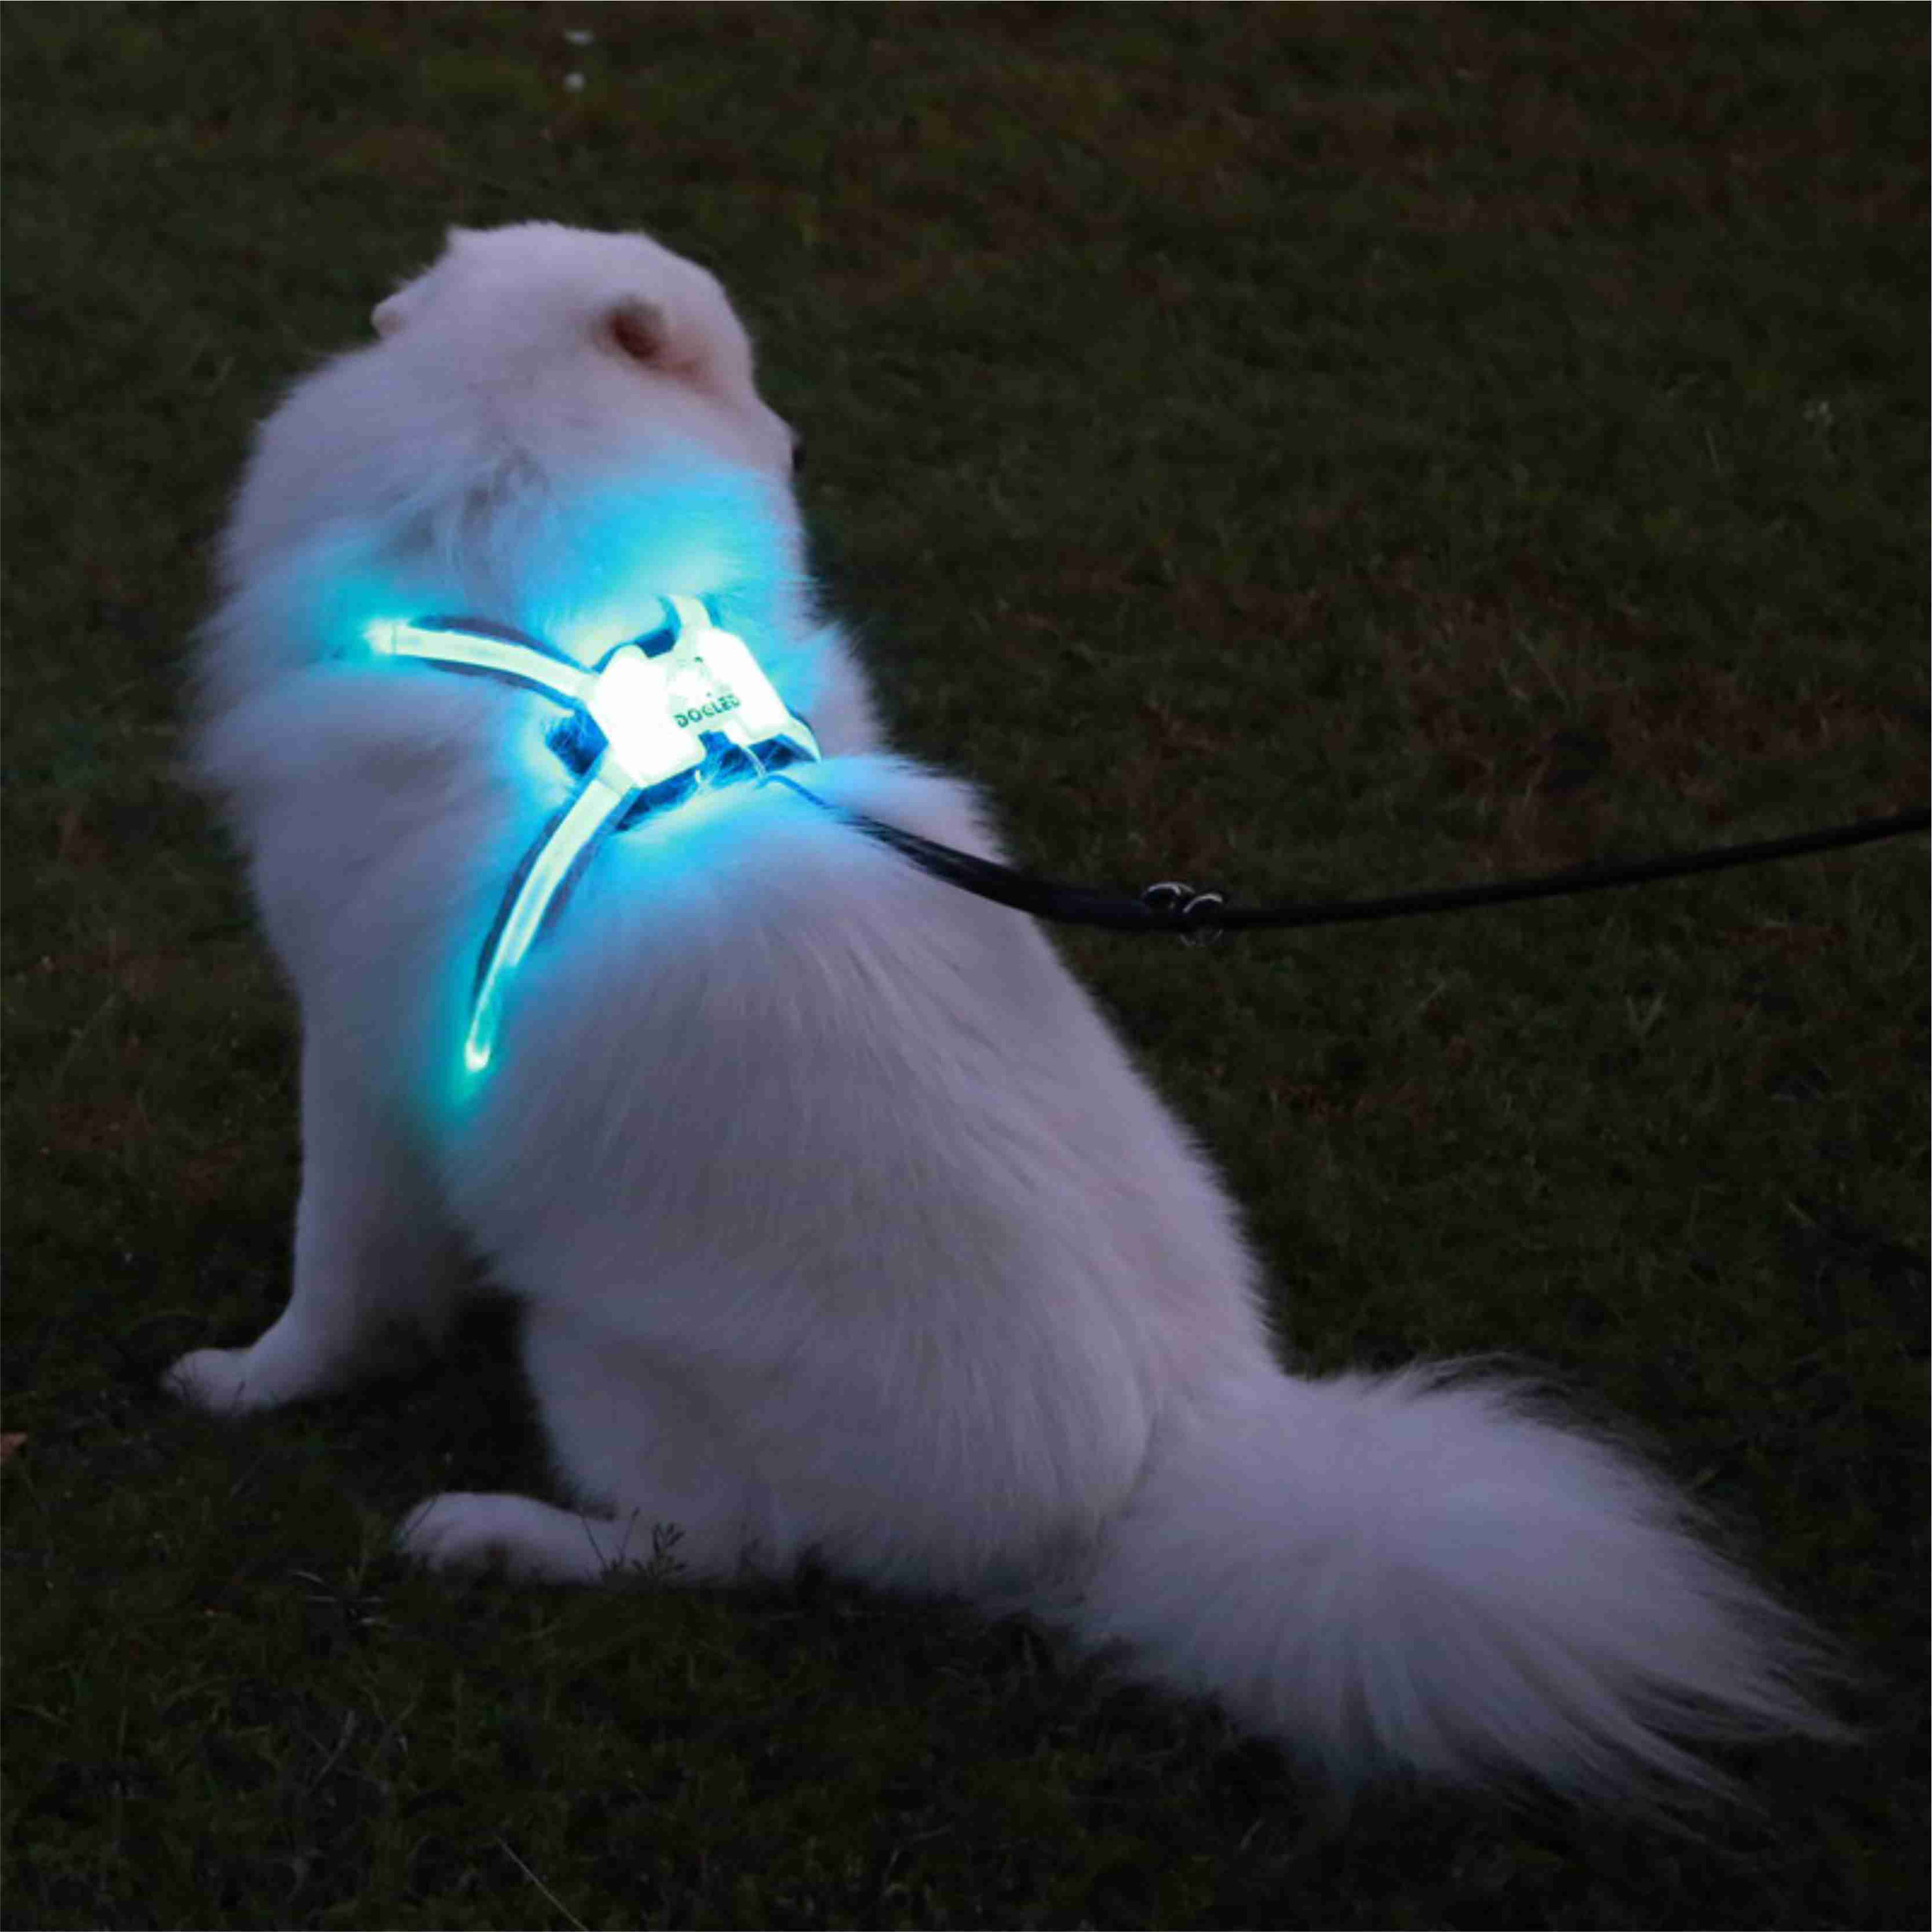 Sản Xuất Chuyên Nghiệp Có Thể Điều Chỉnh Pet LED Dog Khai Thác Mới 2020 Yêu Thích LED Pet Dog Cat Harness Và Dây Xích Dẫn Đào Tạo An Toàn